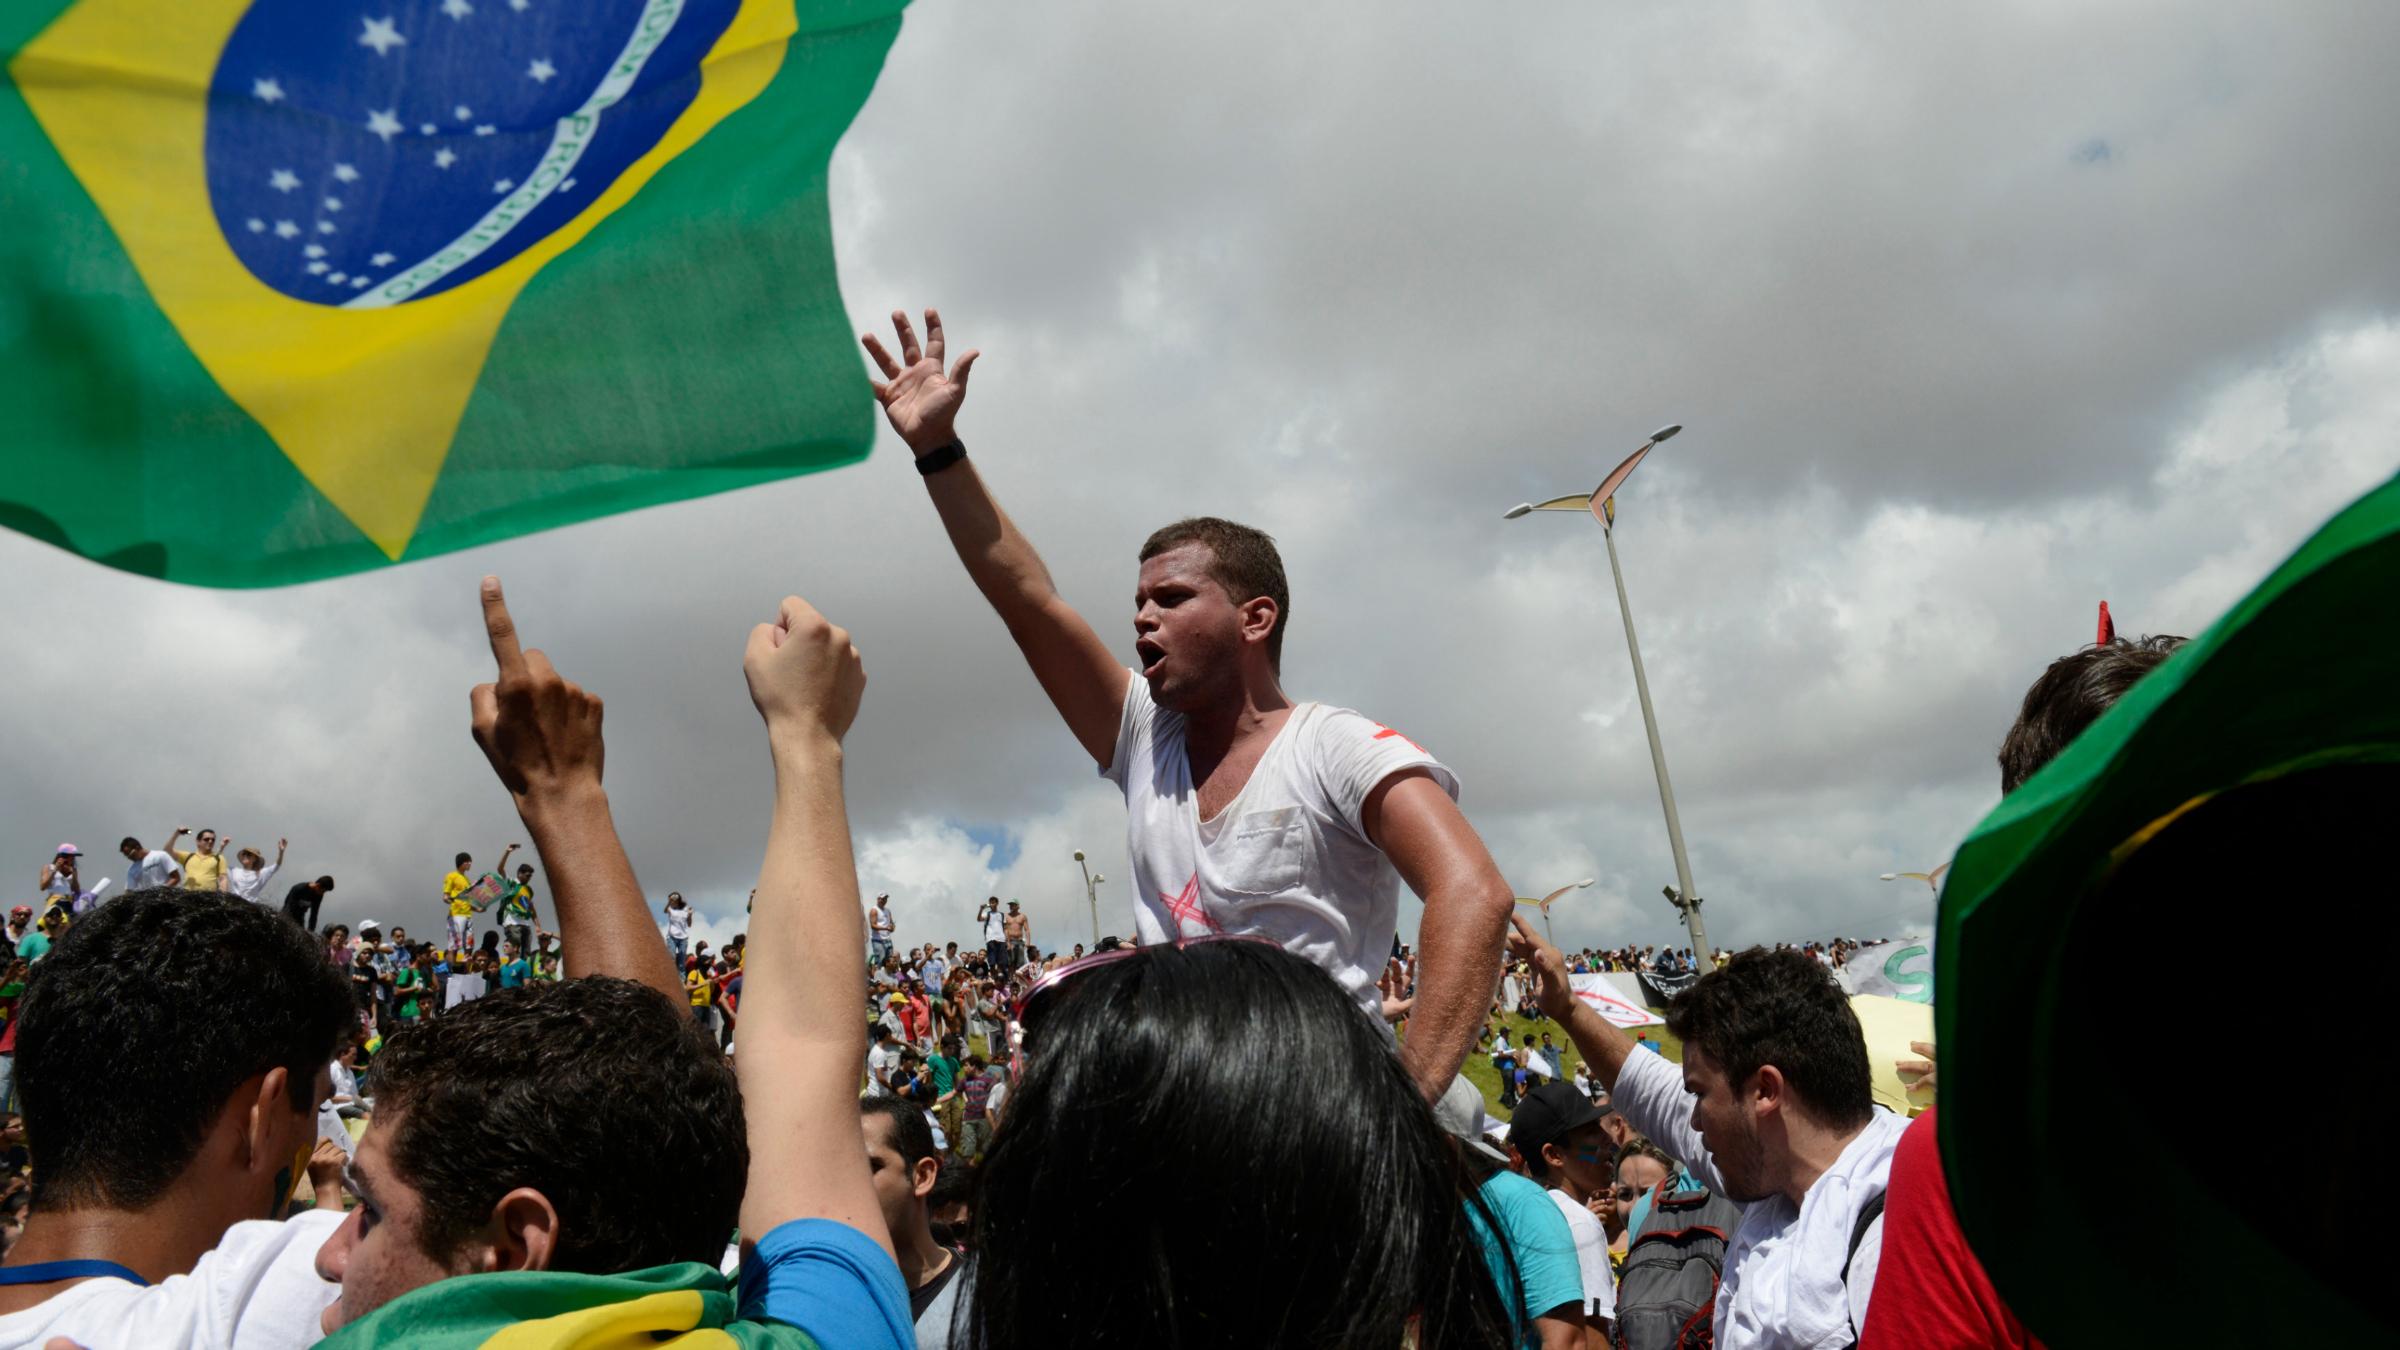 Protestors near Estadio Castelao in Brazil.